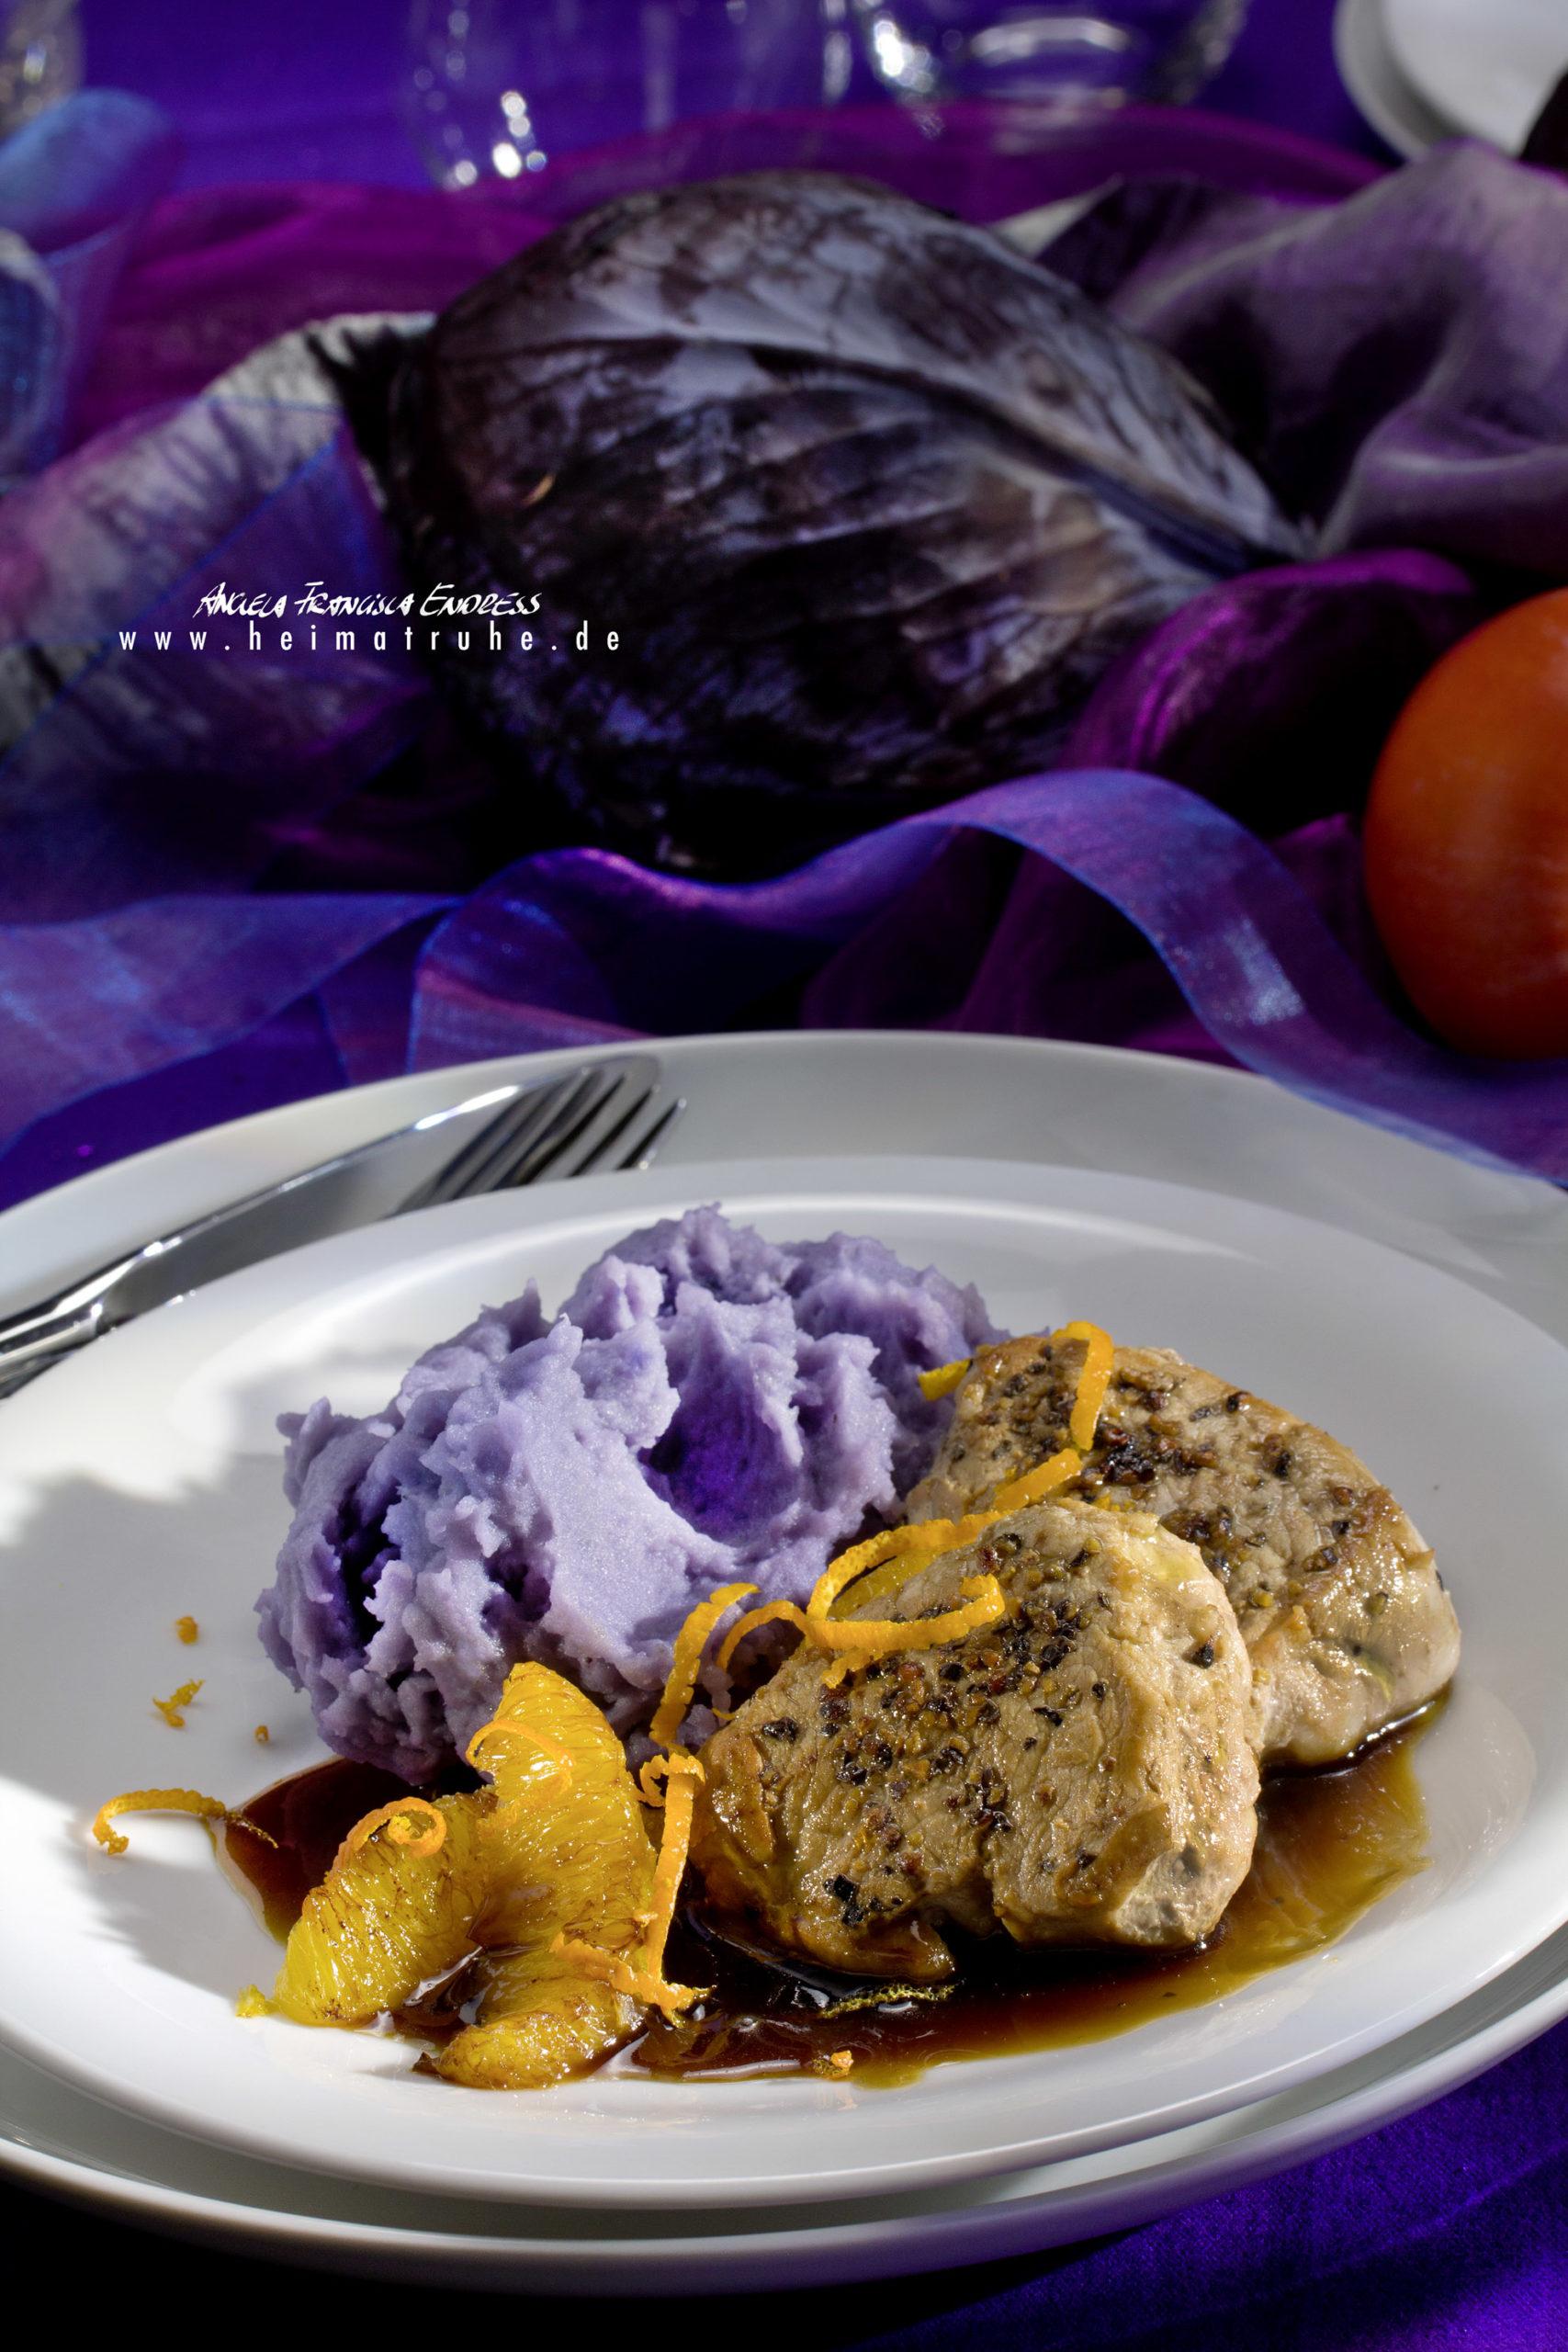 Teller mit gefeffertenSchweine-Medaillons und Tischdeko in lila mit Kaki-Früchten